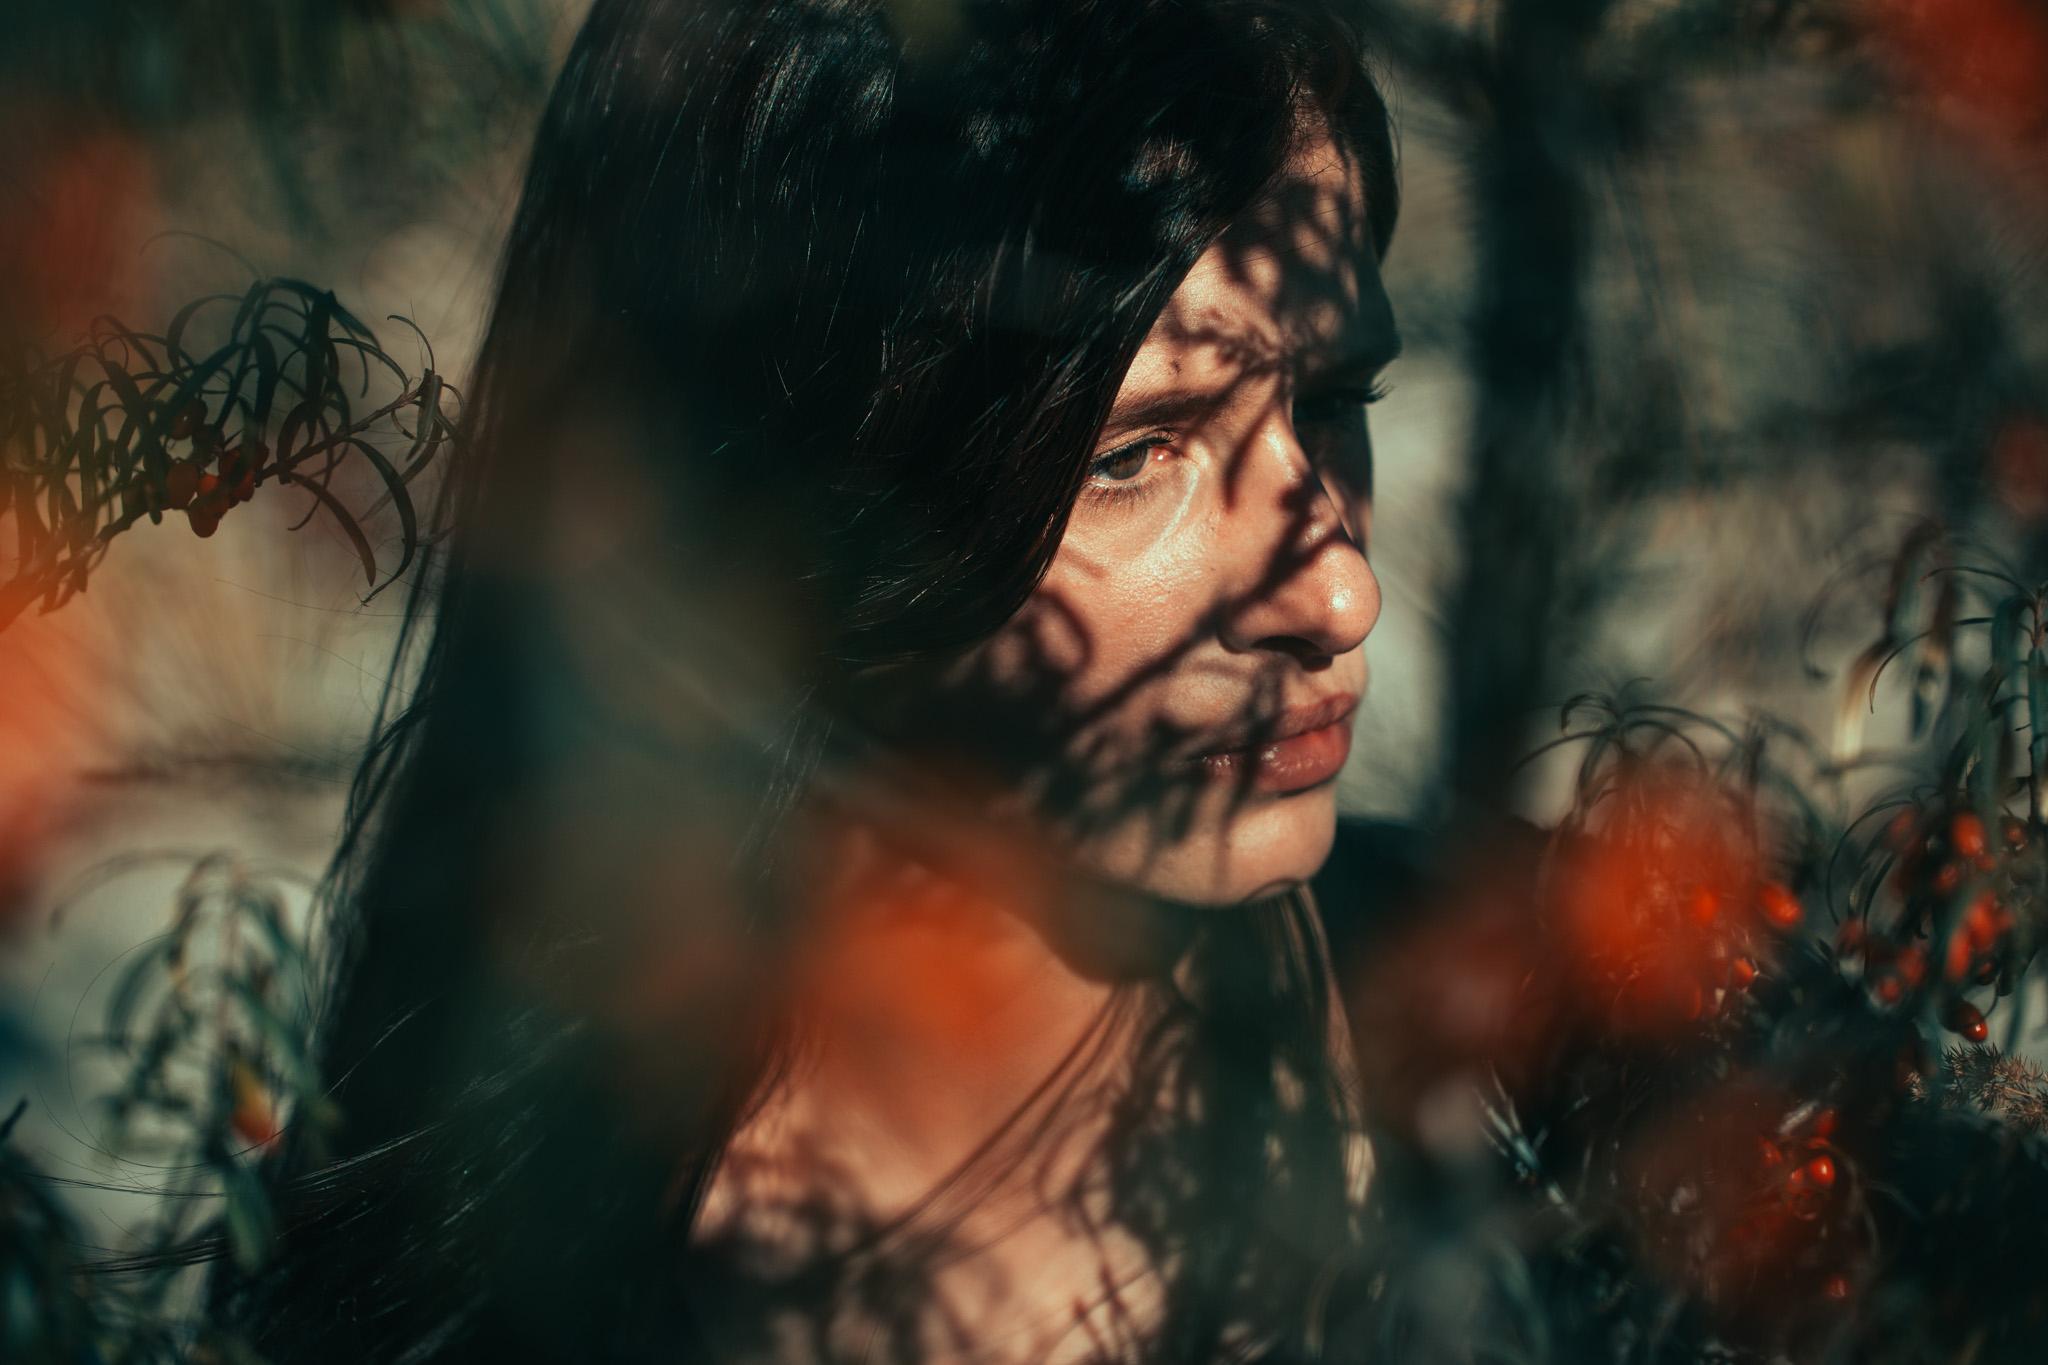 Freie Fotoarbeiten von Sebastian Petersen / Philigran Studio - Fotojournalist aus Braunschweig